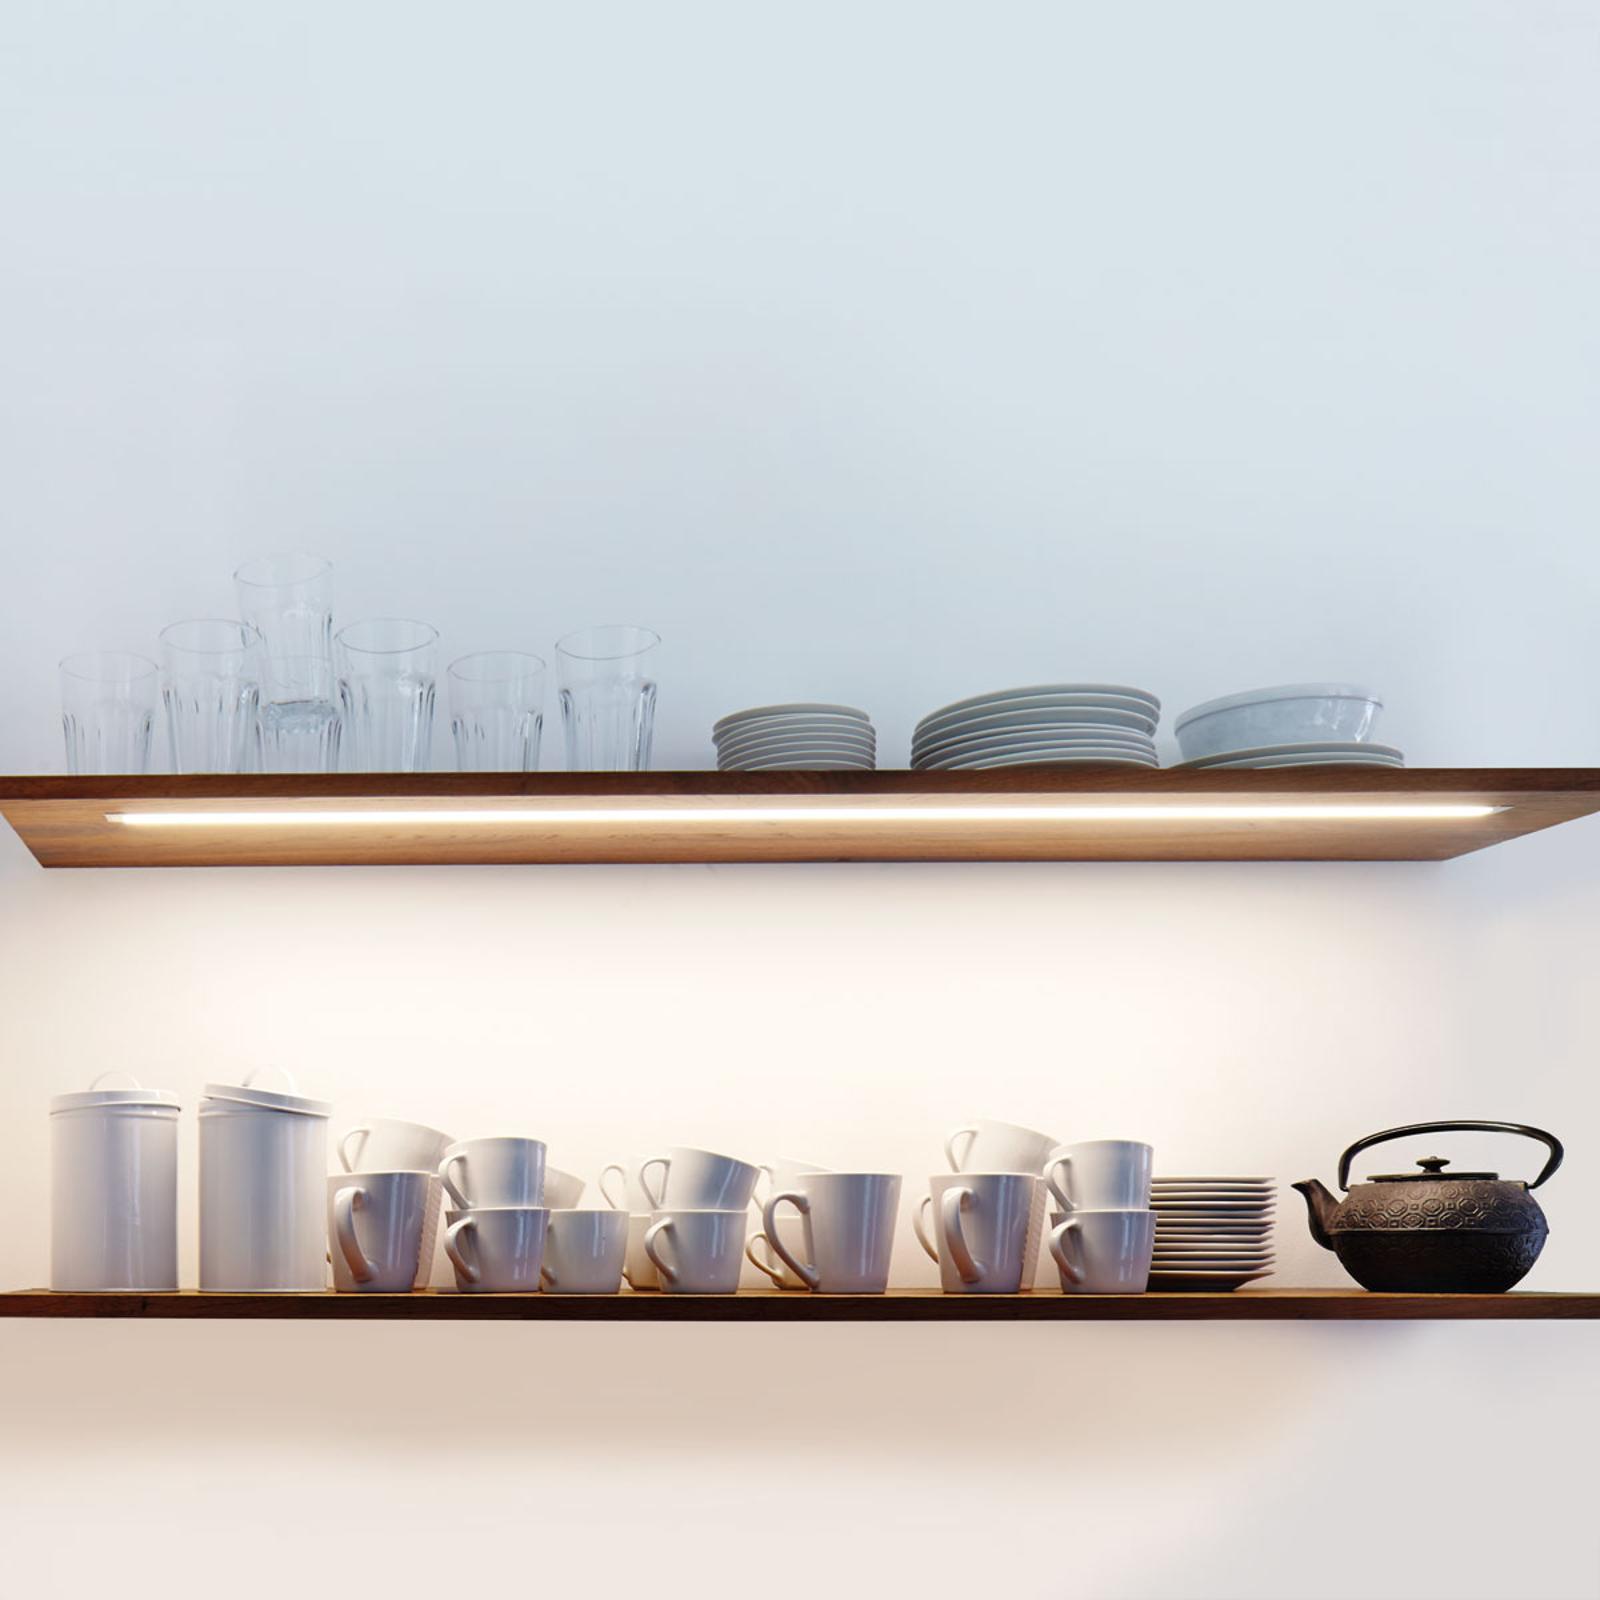 IN-Stick SF slank LED-indbygningslampe - 83cm lang